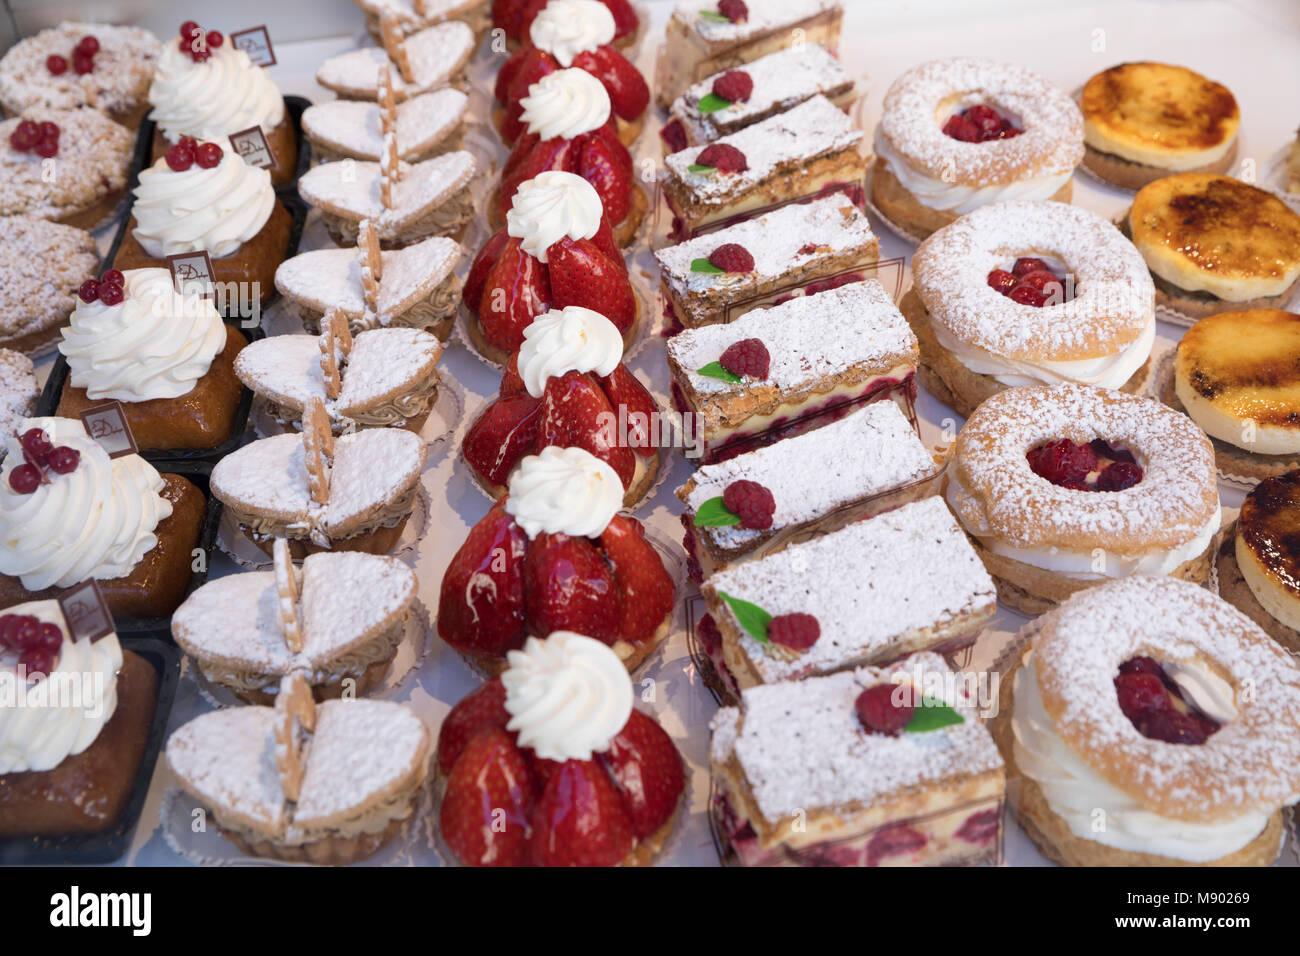 Tasty pastries in window of French patisserie shop, Arras, Pas-de-Calais, Hauts-de-France region, France, Europe - Stock Image